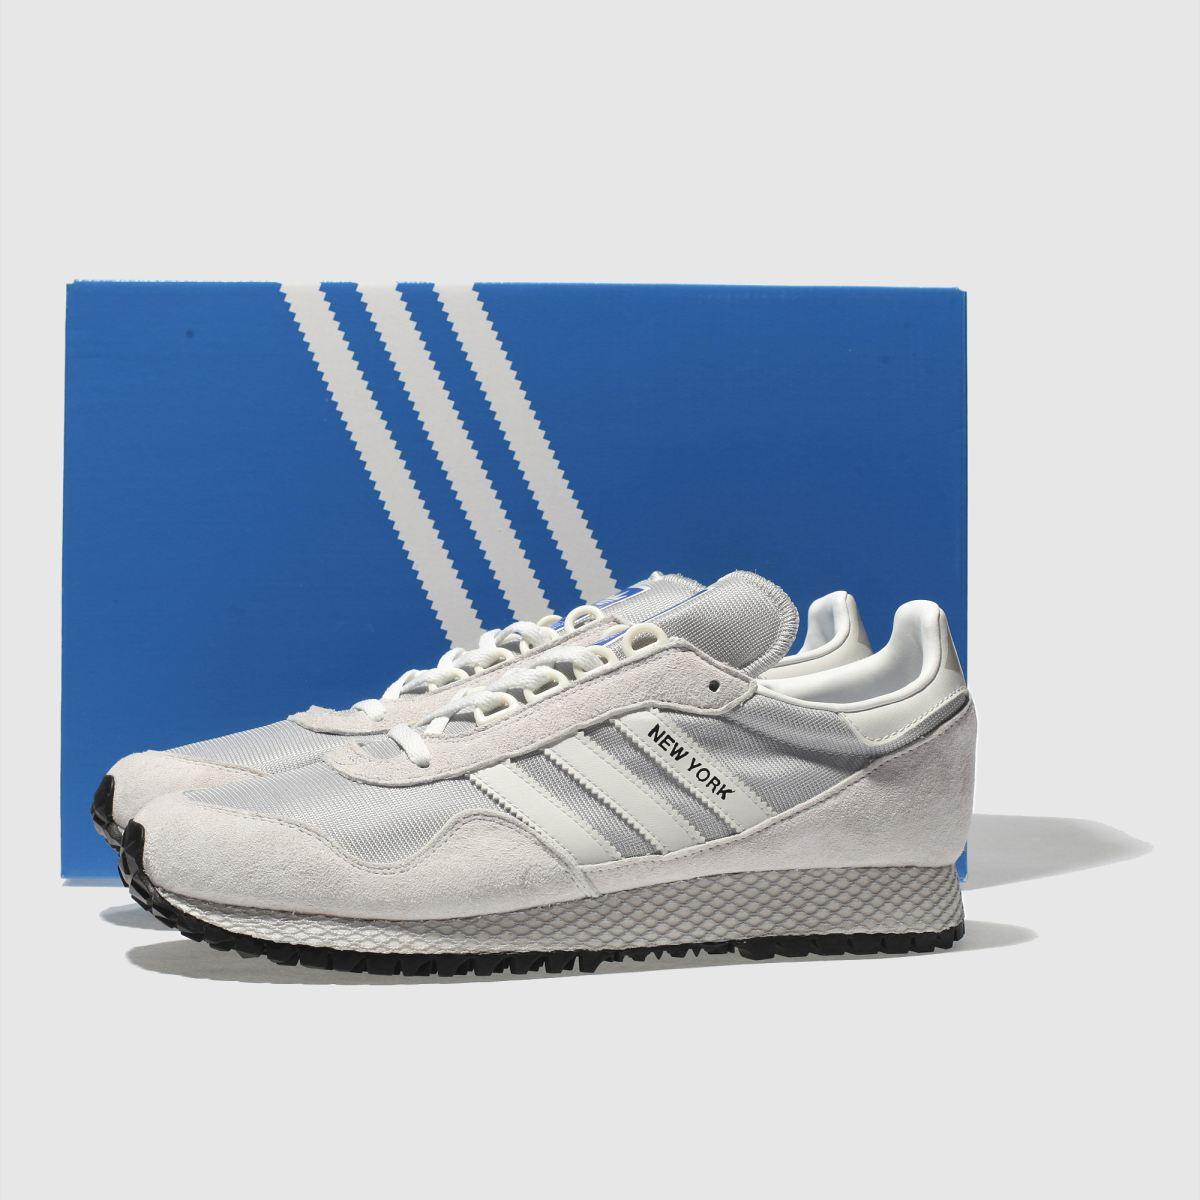 Herren schuh Hellgrau adidas New York Sneaker | schuh Herren Gute Qualität beliebte Schuhe 72ed98